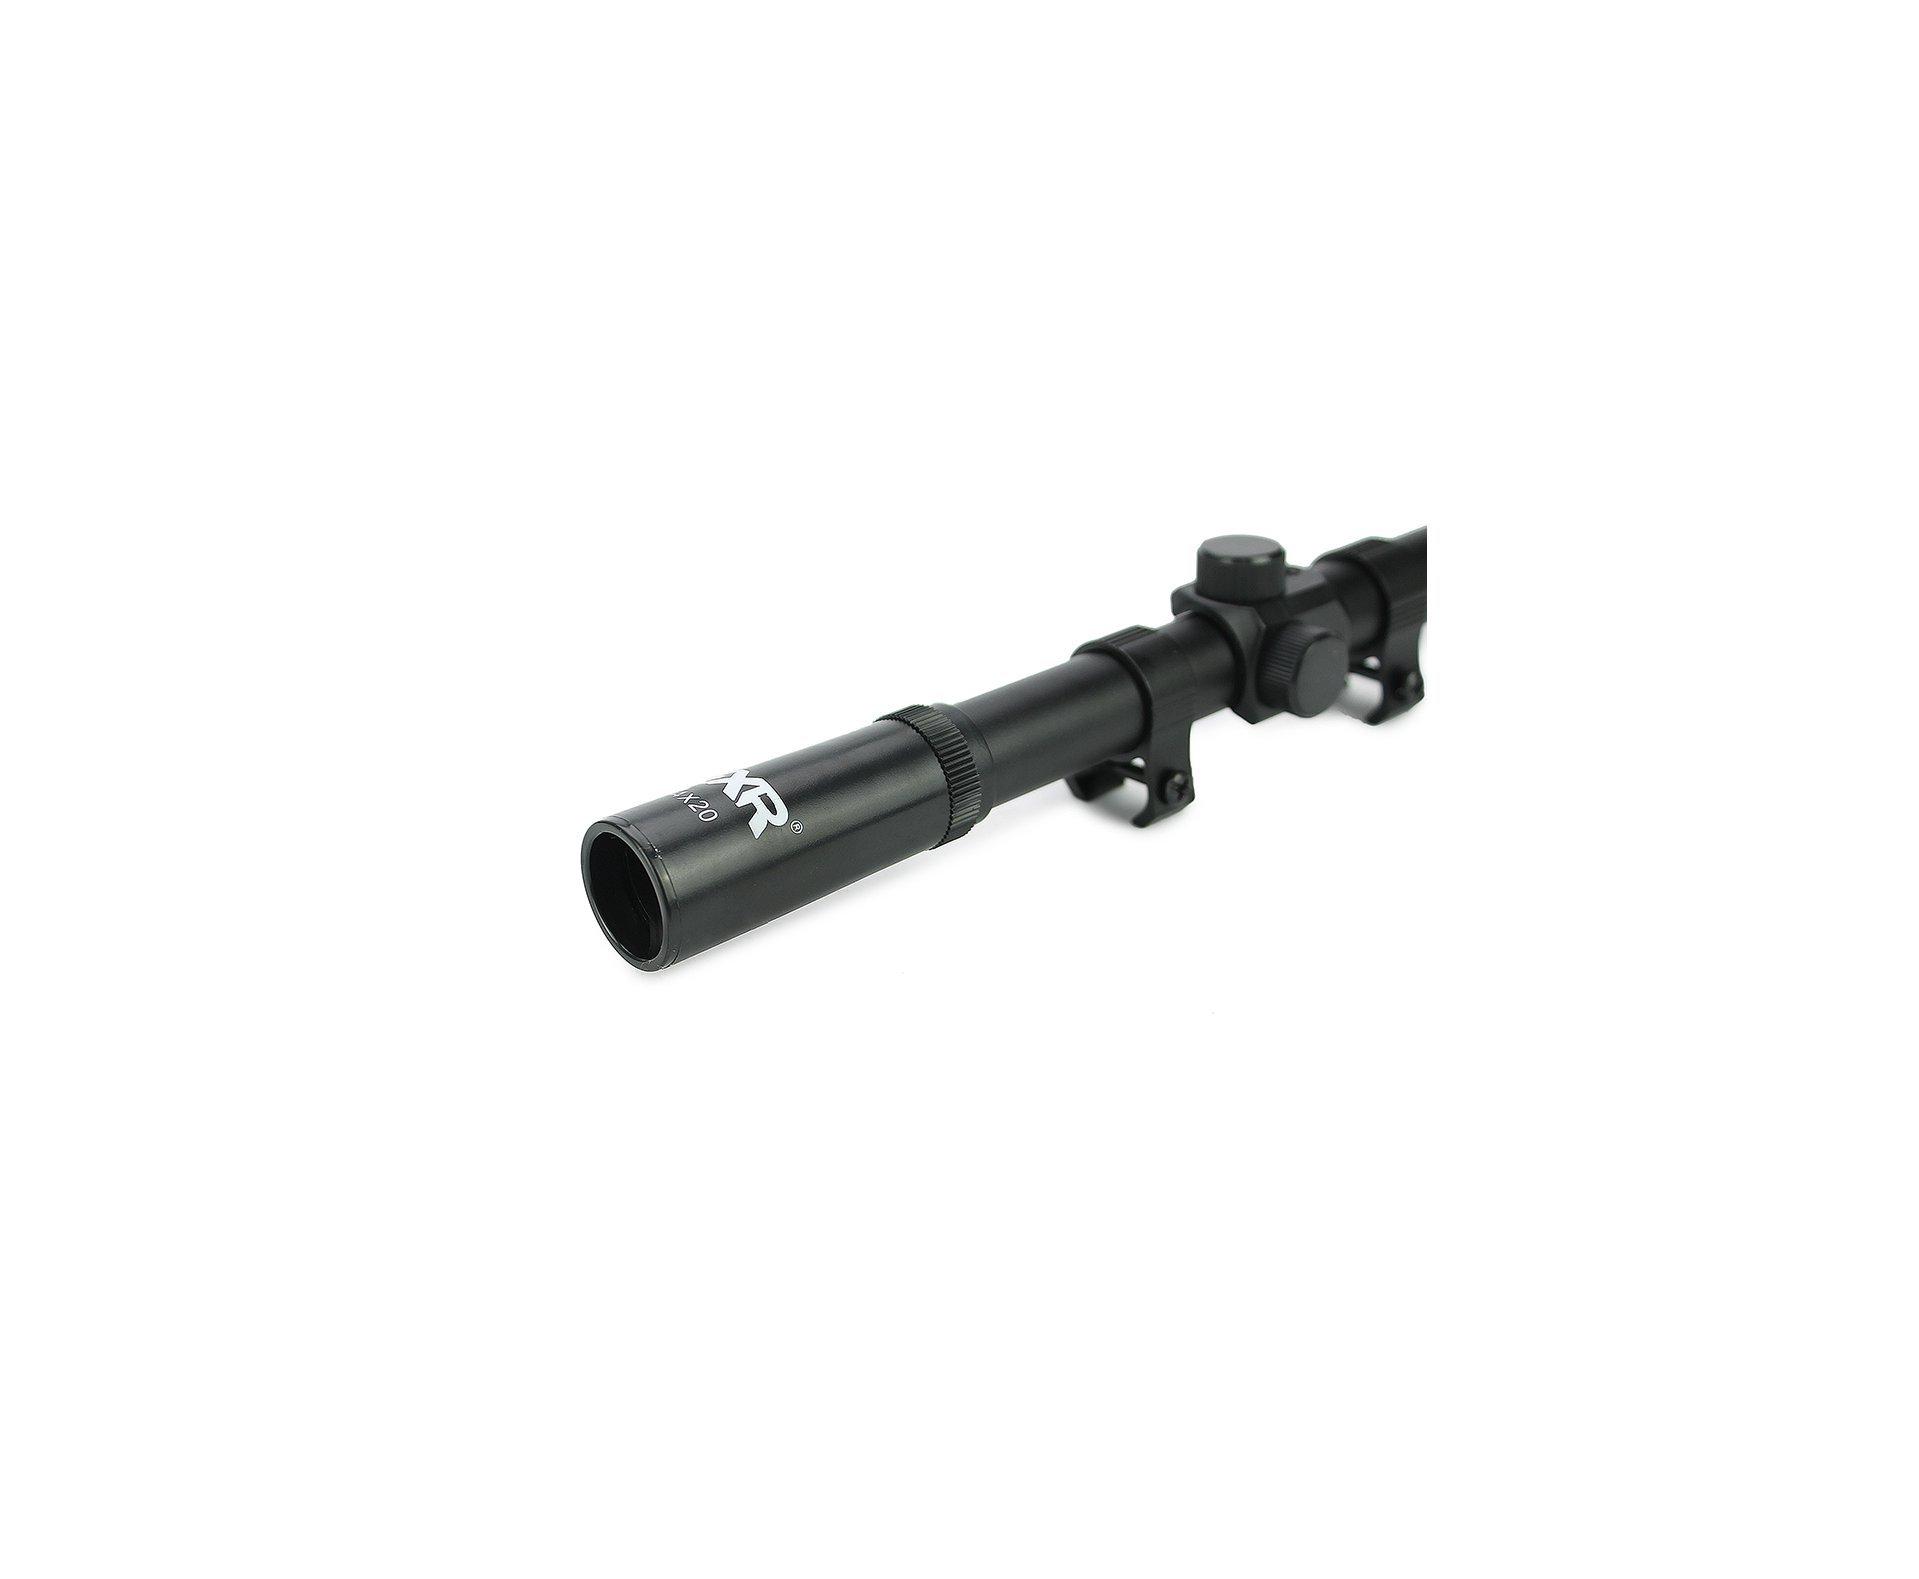 Luneta 4x20 Com Suporte Mount Para Trilhos 11mm - Fxr